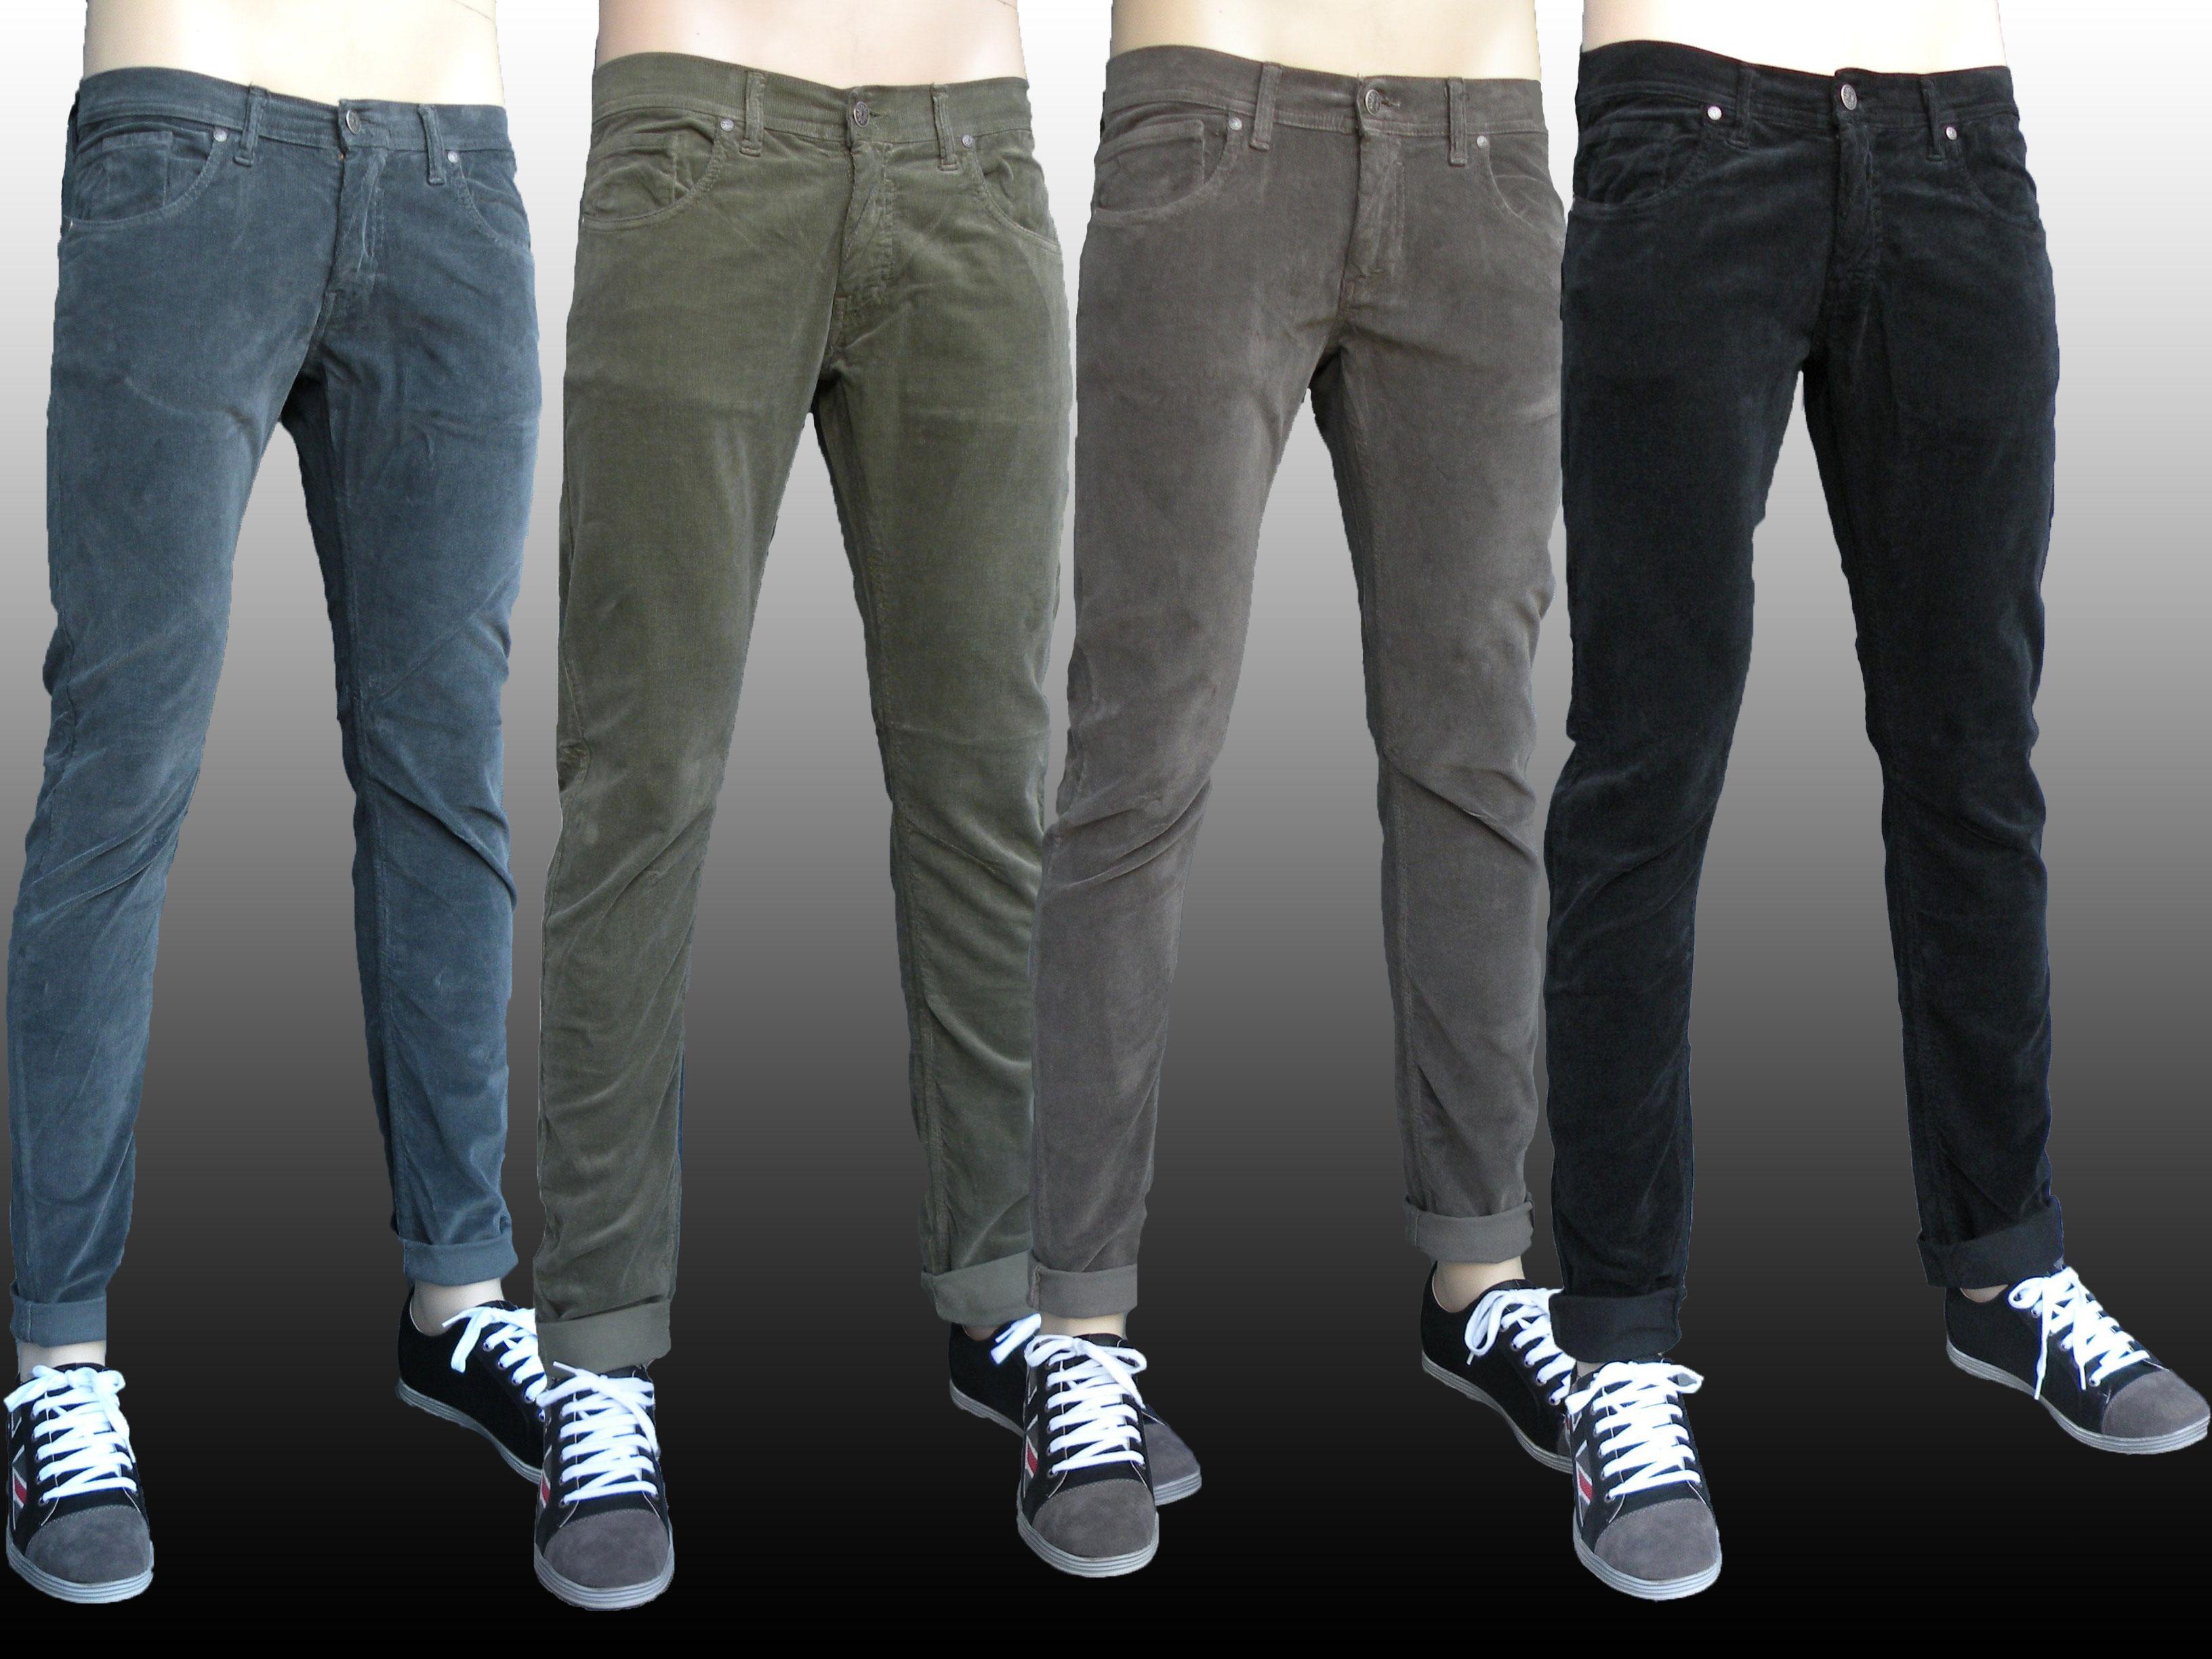 migliori pantaloni moda uomo - Personalizza il tuo stile con i migliori pantaloni moda uomo: guida all'acquisto